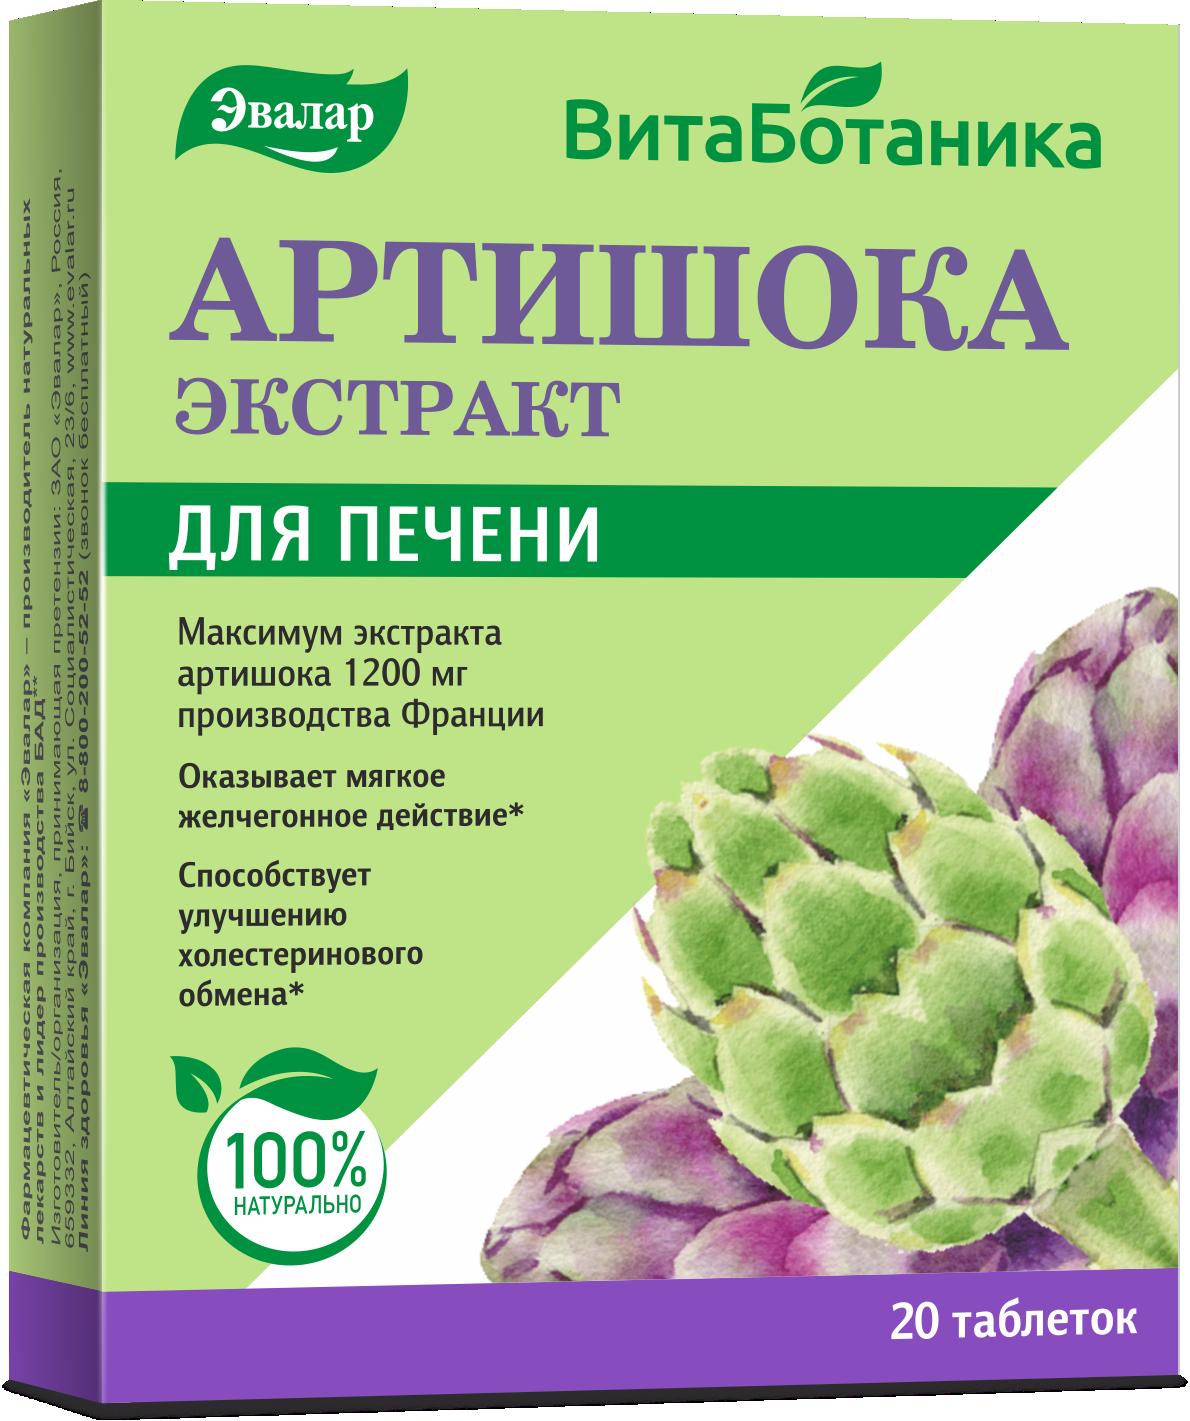 Артишока экстракт, 20 таблеток, Эвалар